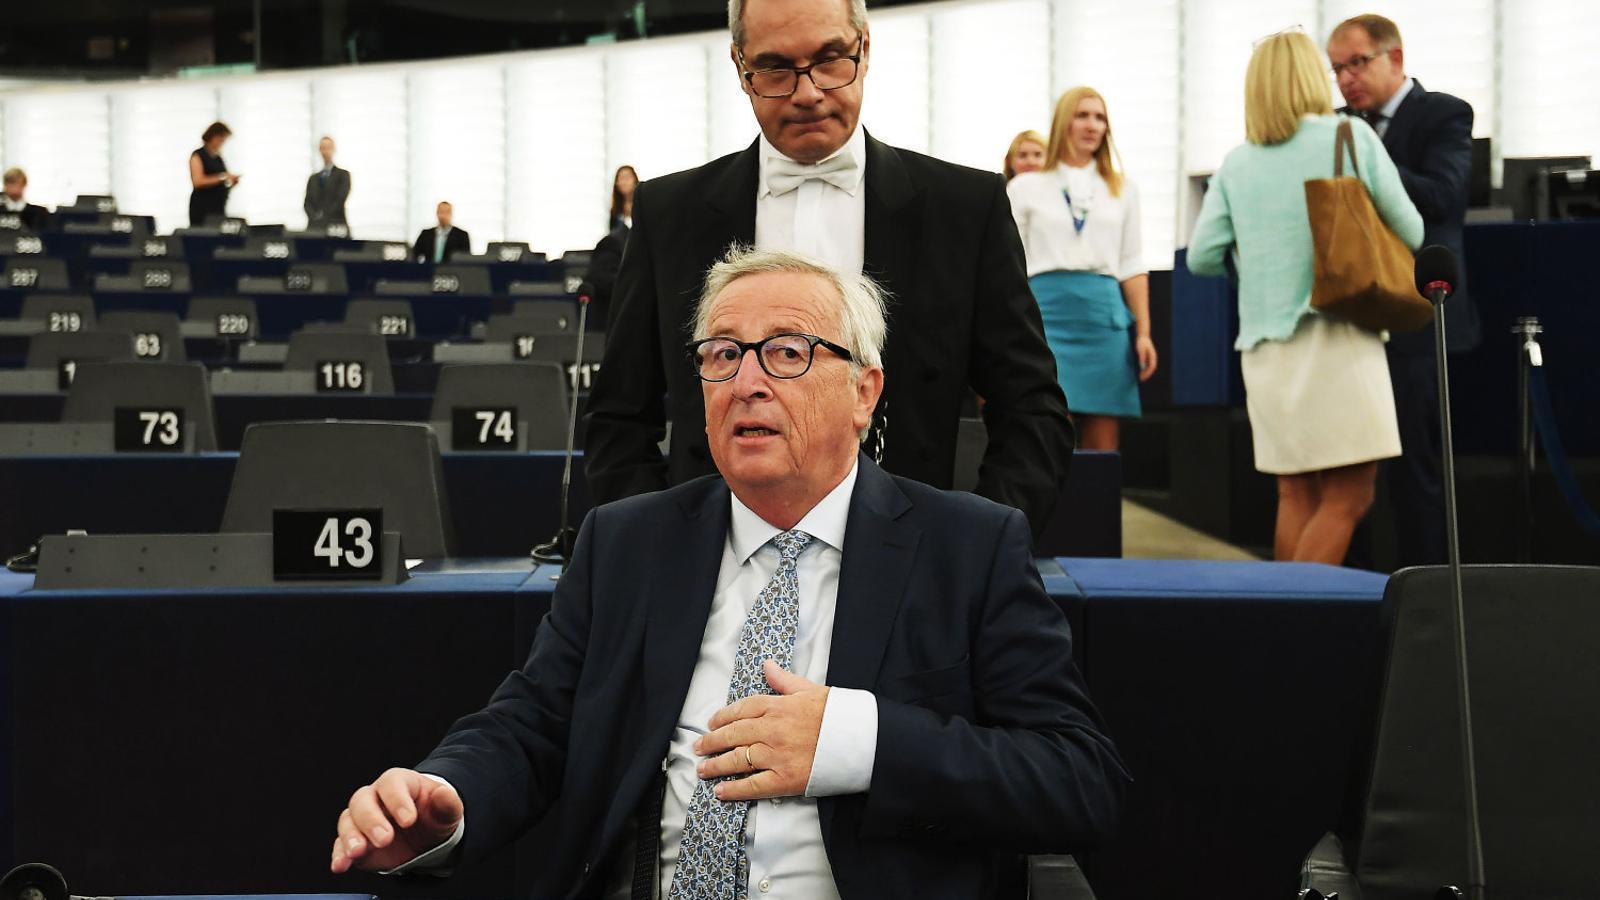 Jean-Claude Juncker a l'inici del ple del Parlament abans de fer el seu discurs, ahir a Estrasburg.